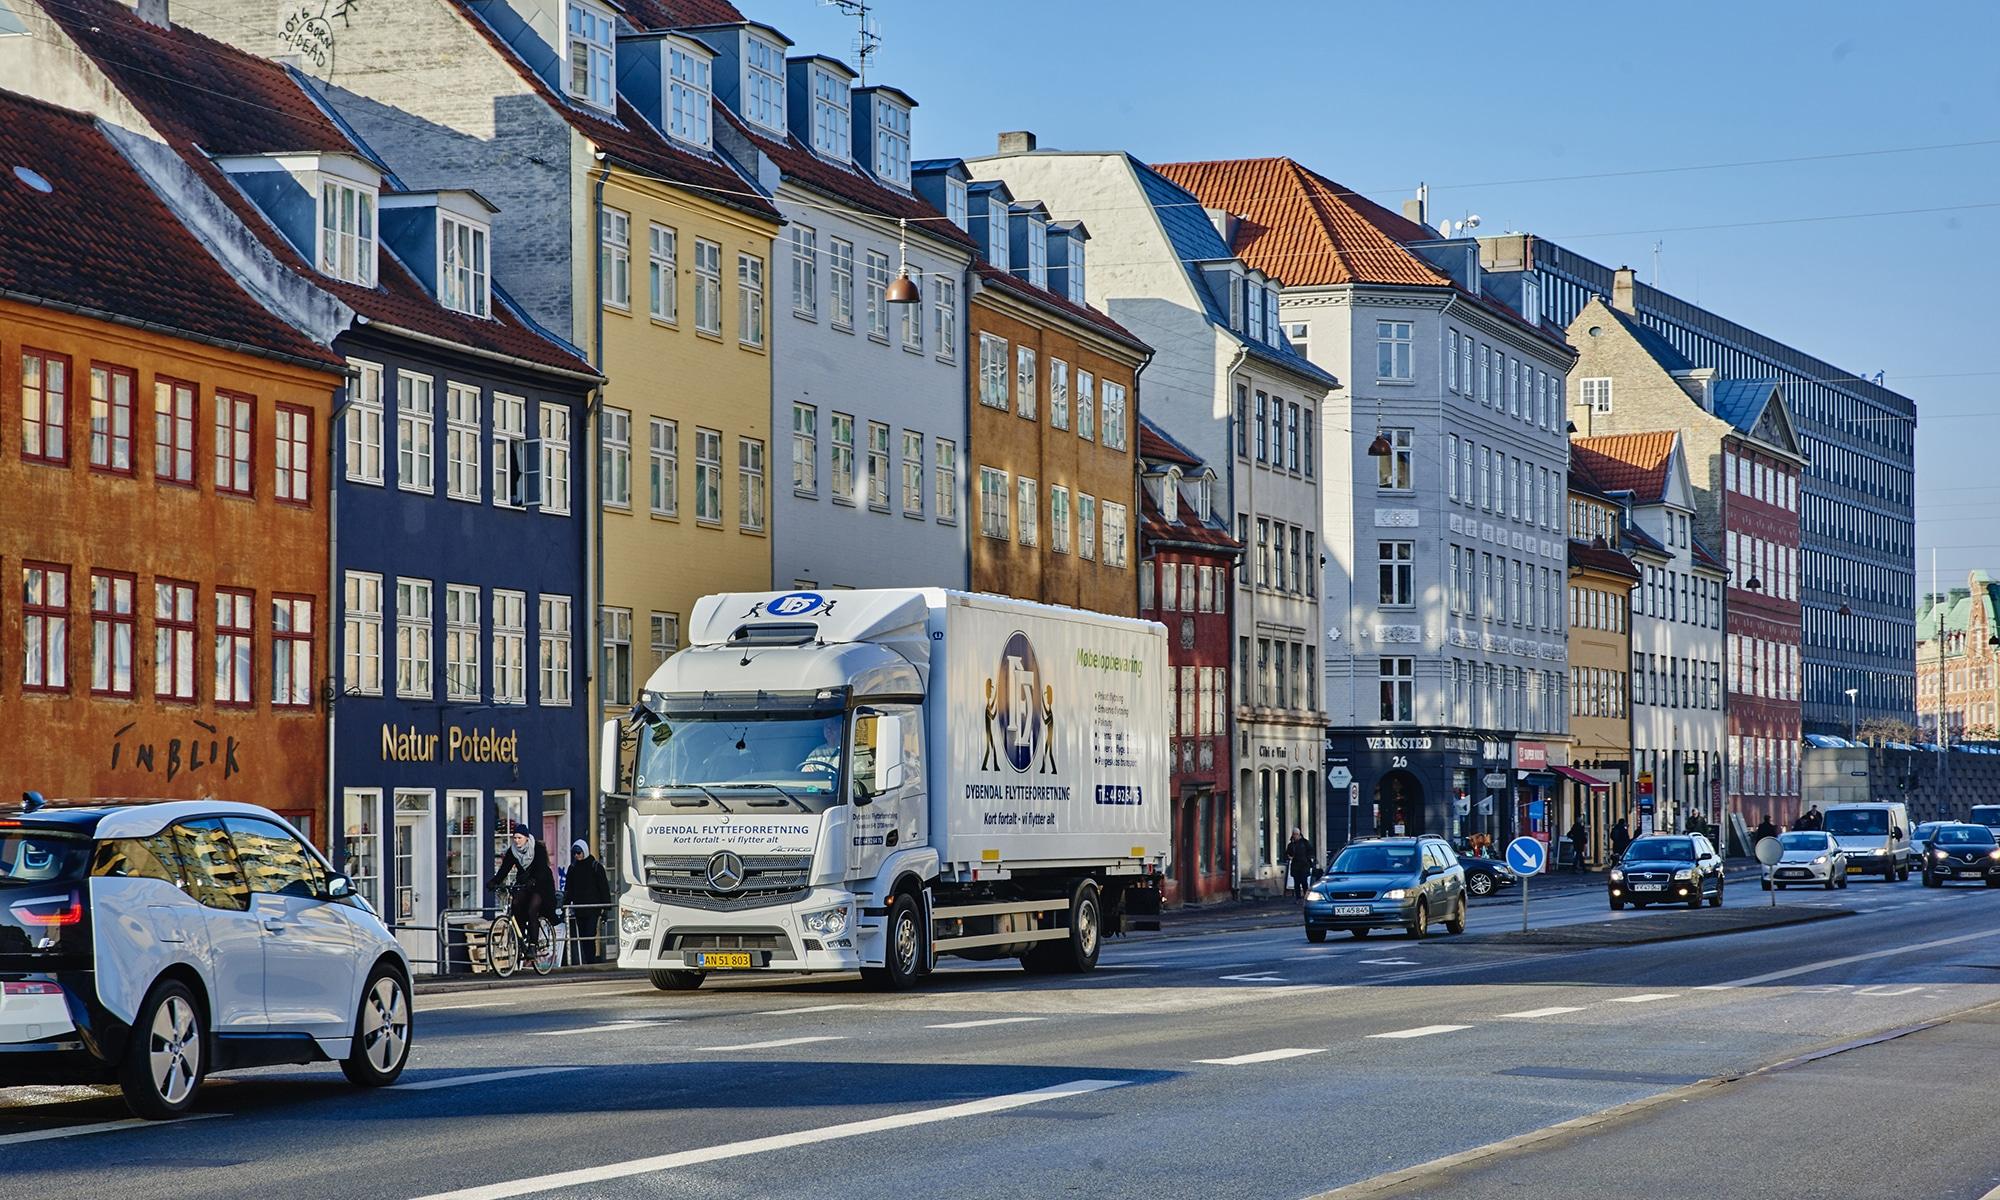 Hele Storkøbenhavns flytteforretning med skjulte talenter